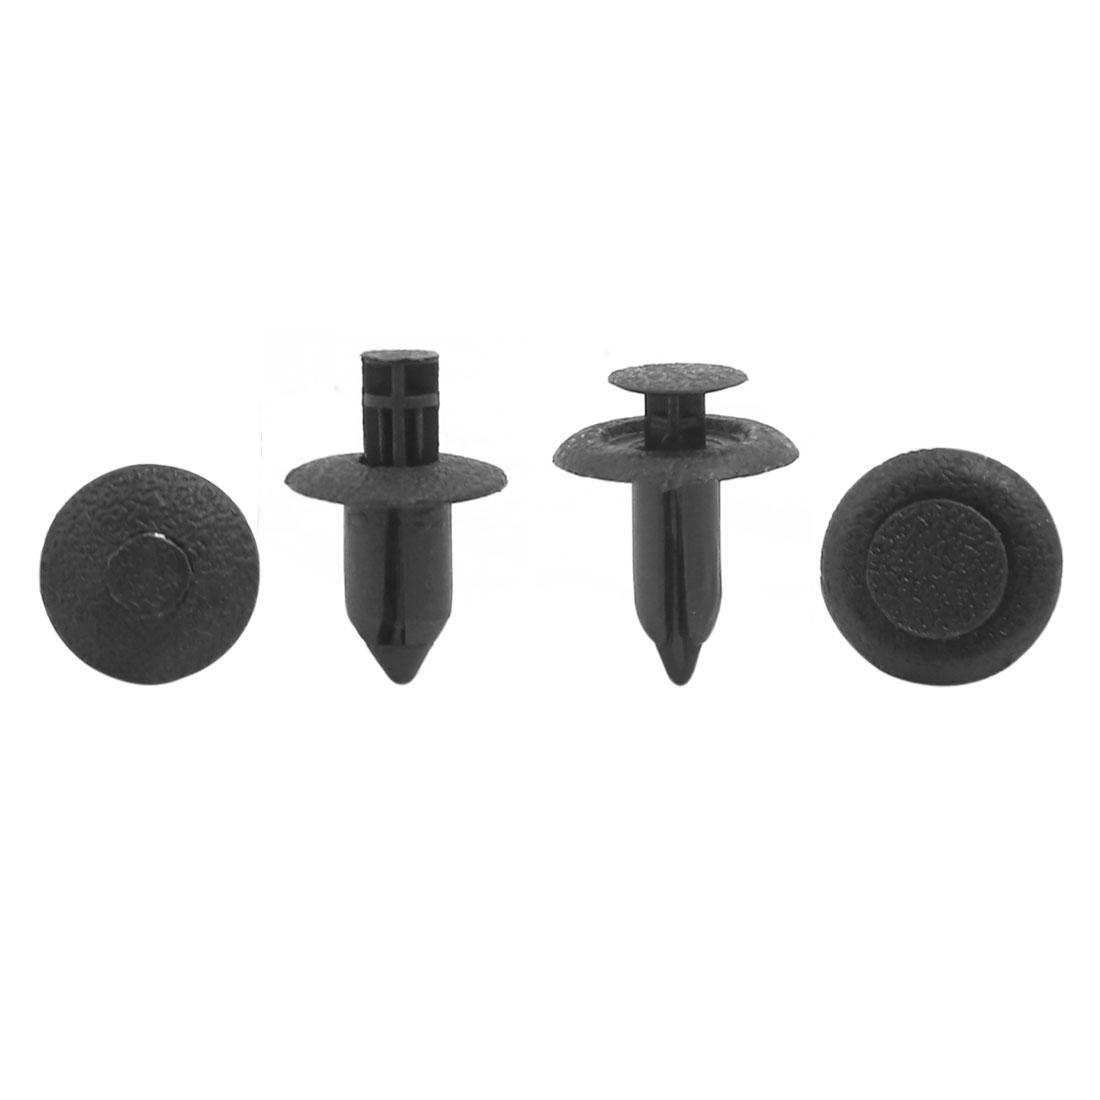 Universal 6mm 8mm Hole Plastic Trim Clips Car Bumper Door Rivets Fastener 20 Pcs